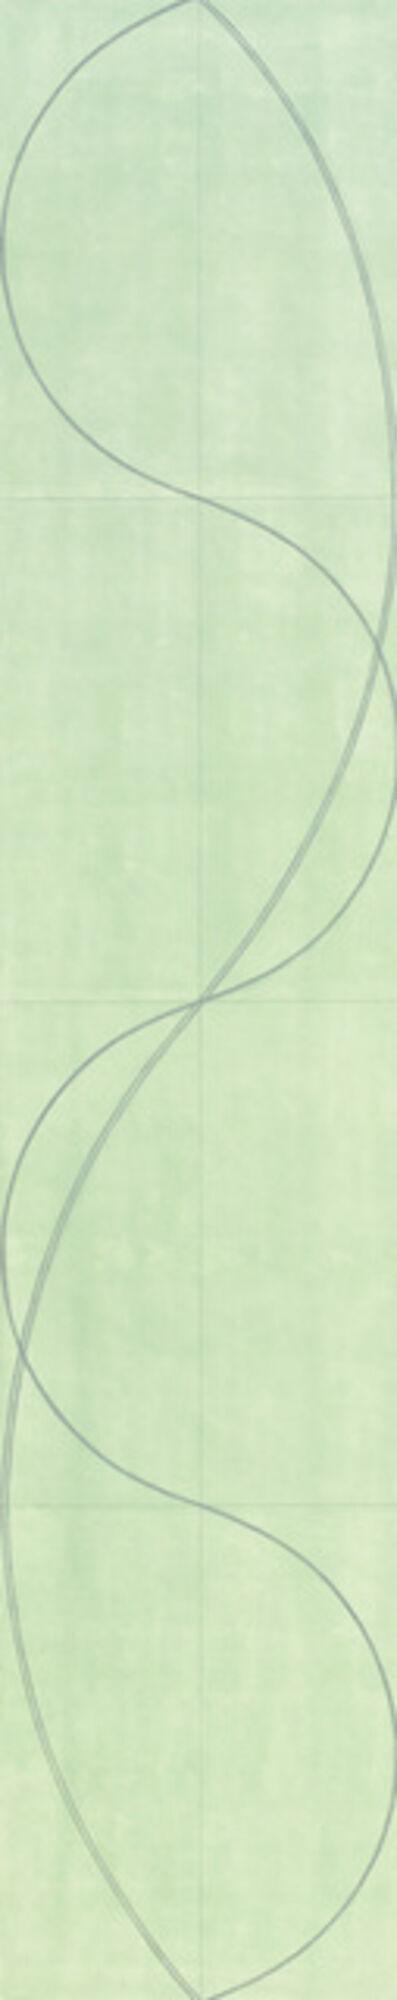 Robert Mangold (b.1937), 'Column/Figure 18', 2004